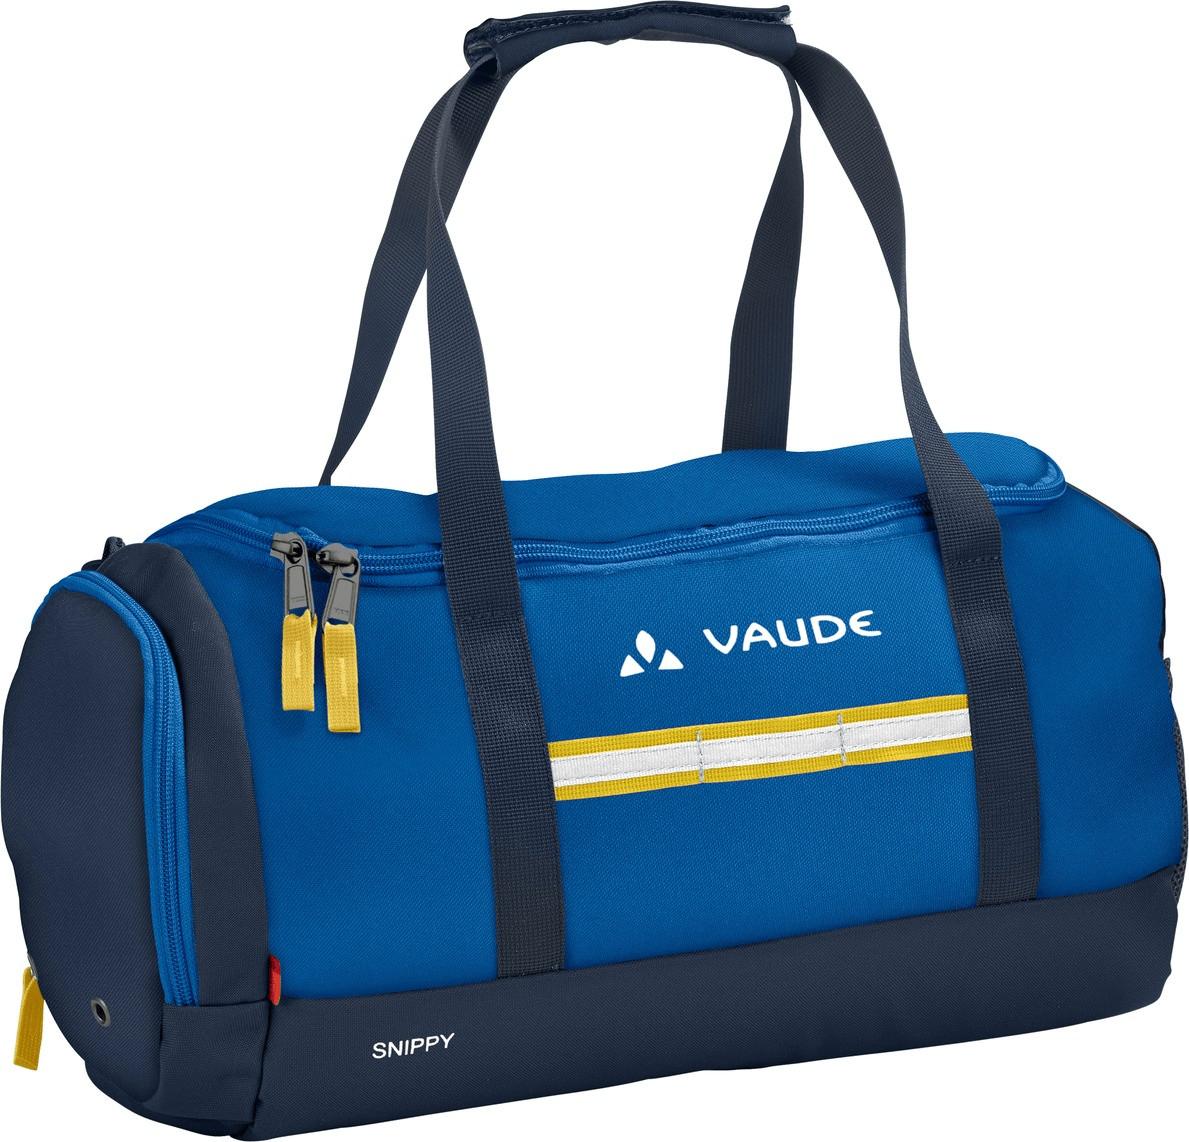 Koffer24 - 20€ Gutschein ohne MBW für Vaude Taschen z.B. Vaudes Kinder-Sporttasche Snippy für 8,90€